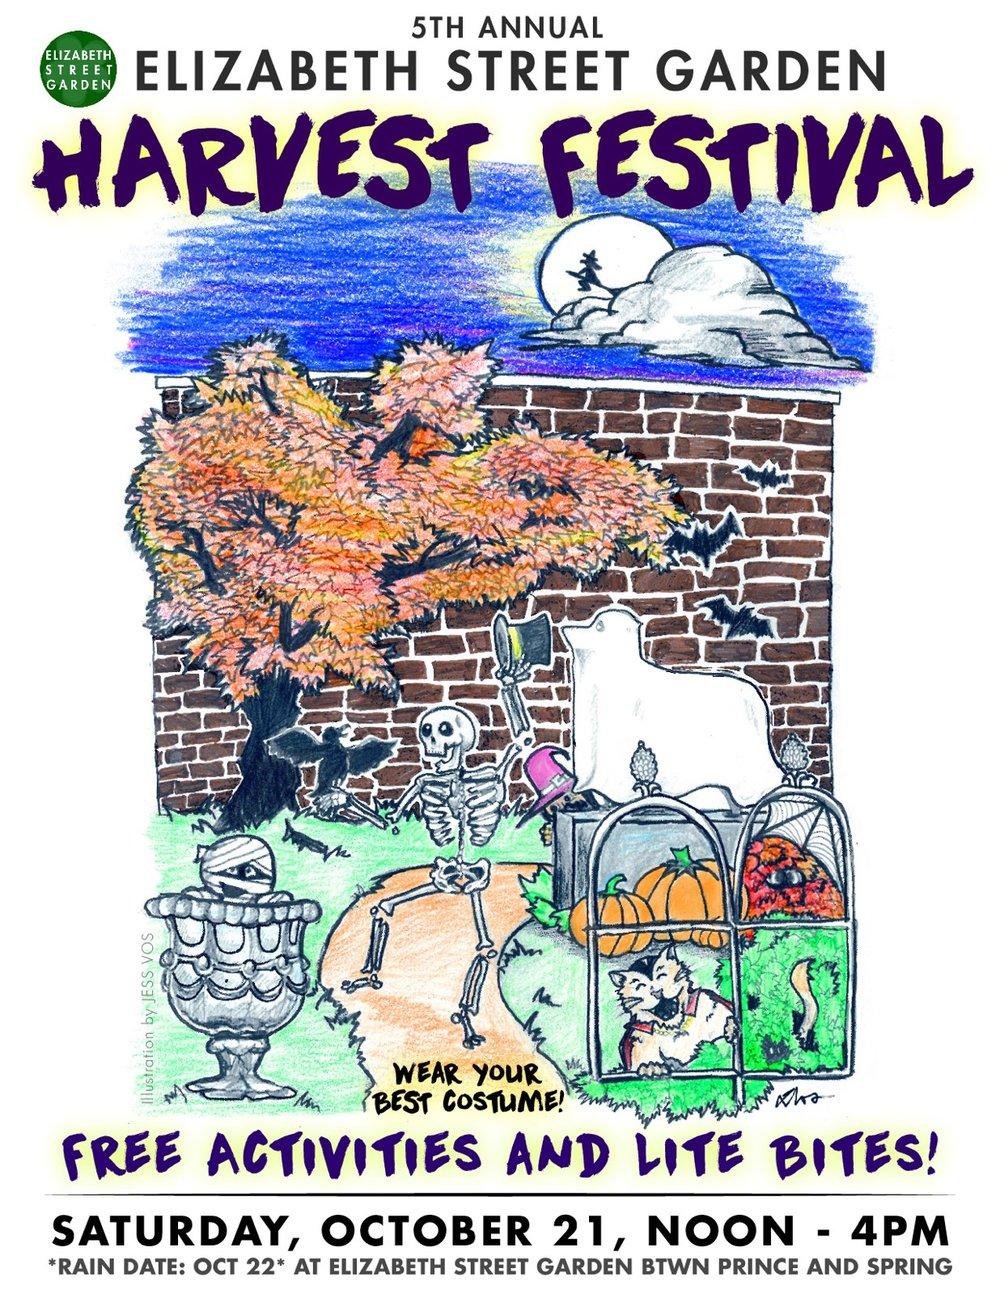 harvest fest-01.jpg.jpeg